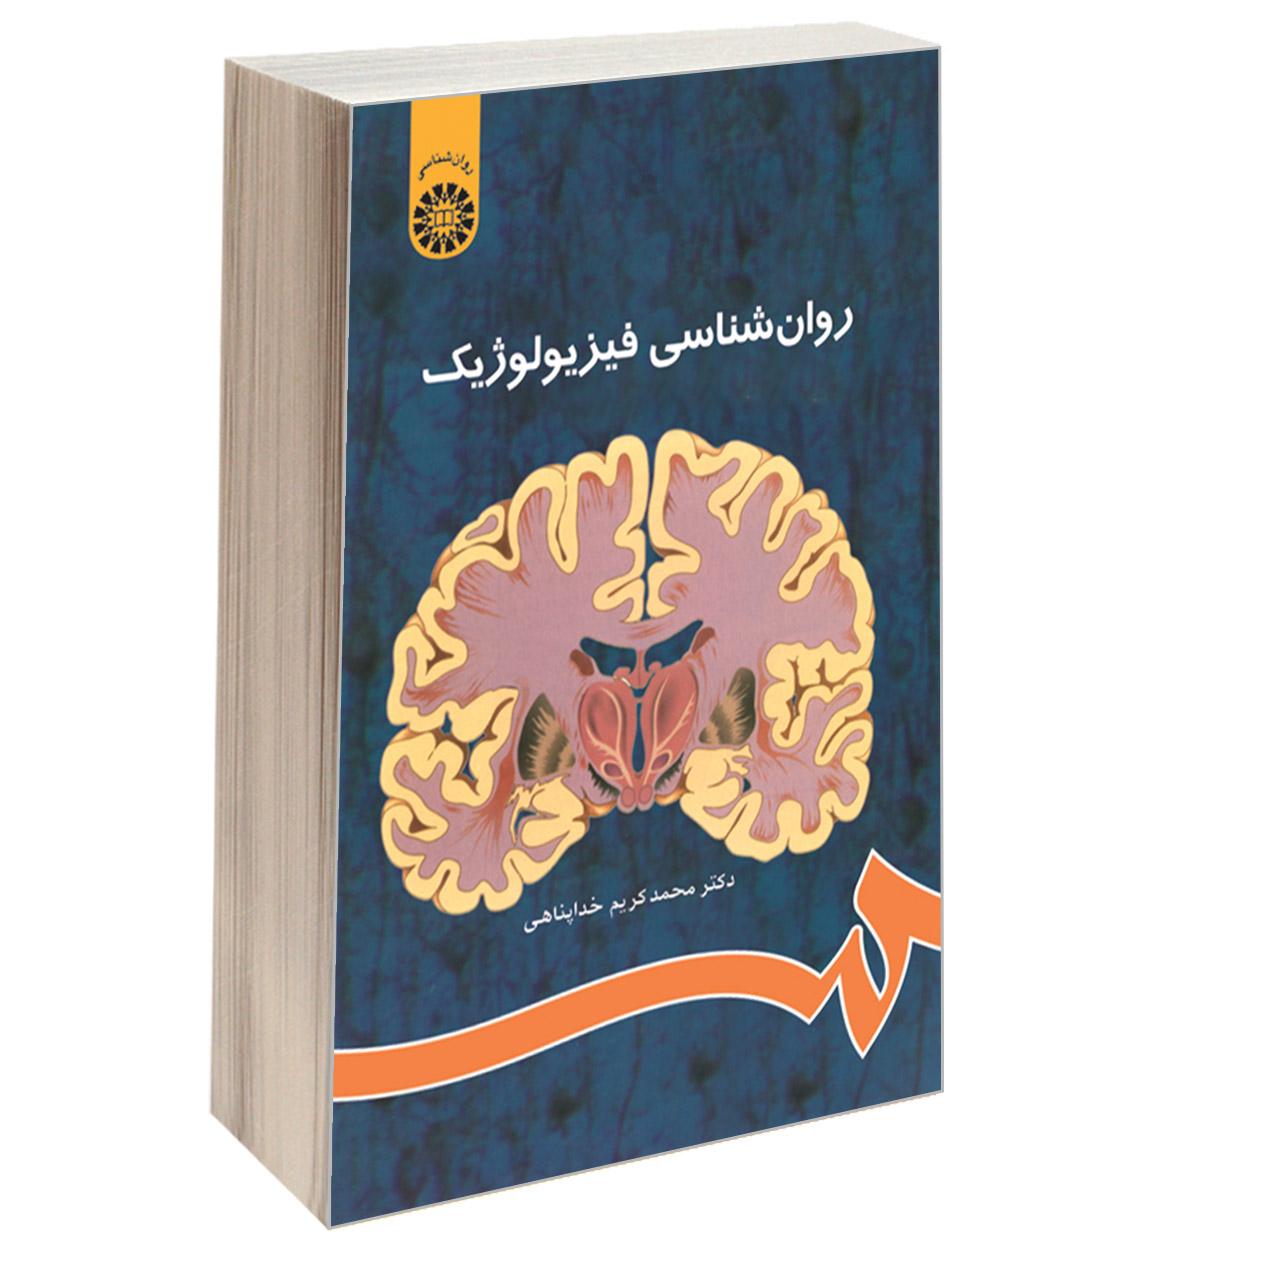 خرید                      کتاب روان شناسی فیزیولوژیک اثر دکتر محمدکریم خداپناهی نشر سمت